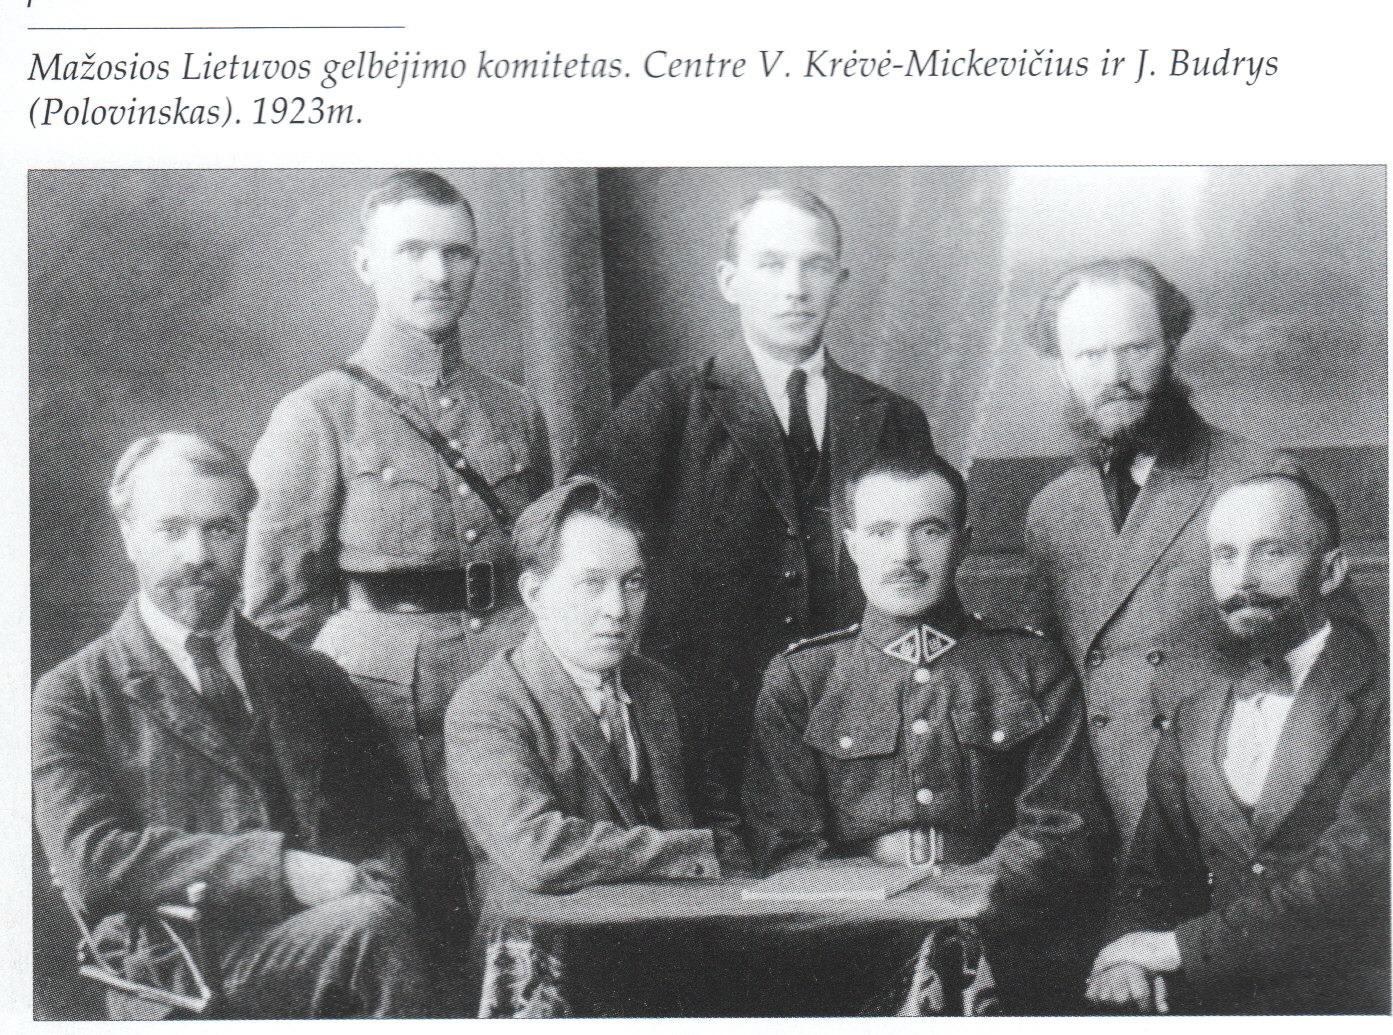 Klaipėdos krašto išvadavimo komitetas 1923 m.